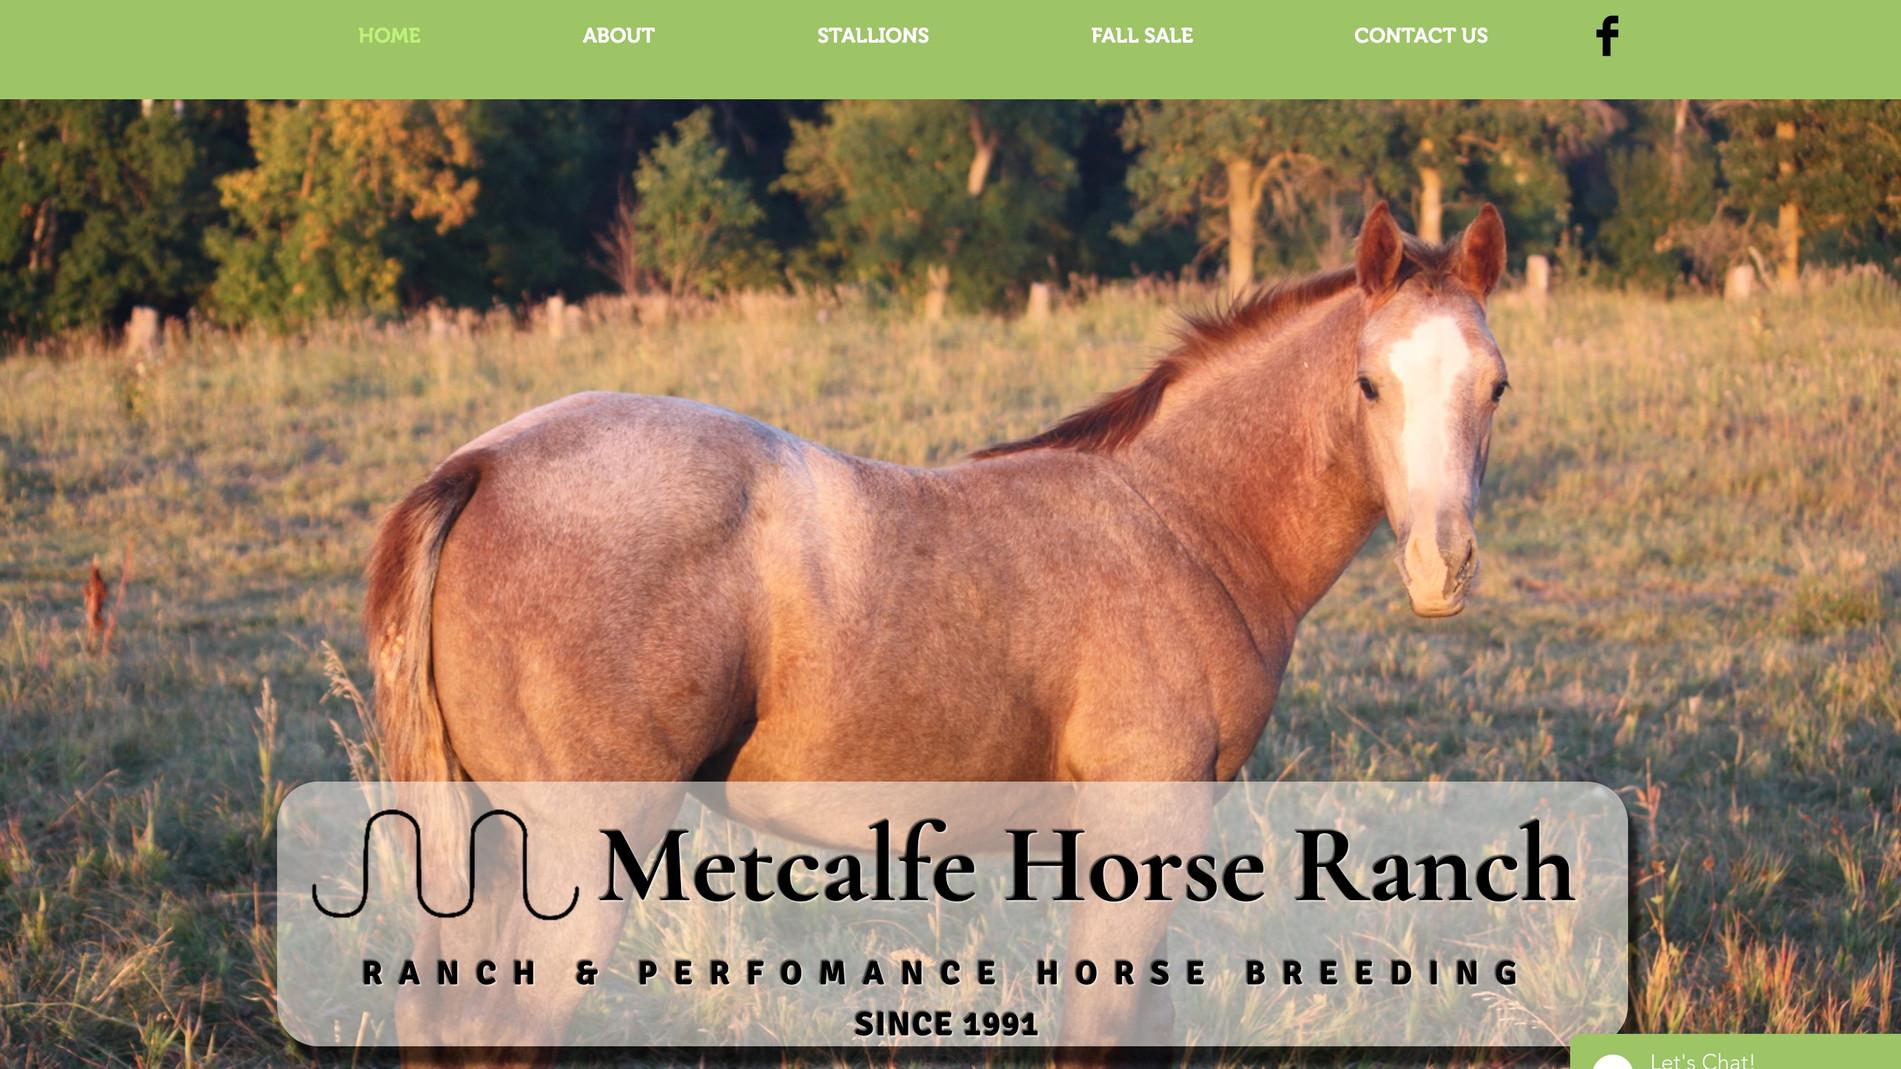 Metcalfe Horse Ranch Website